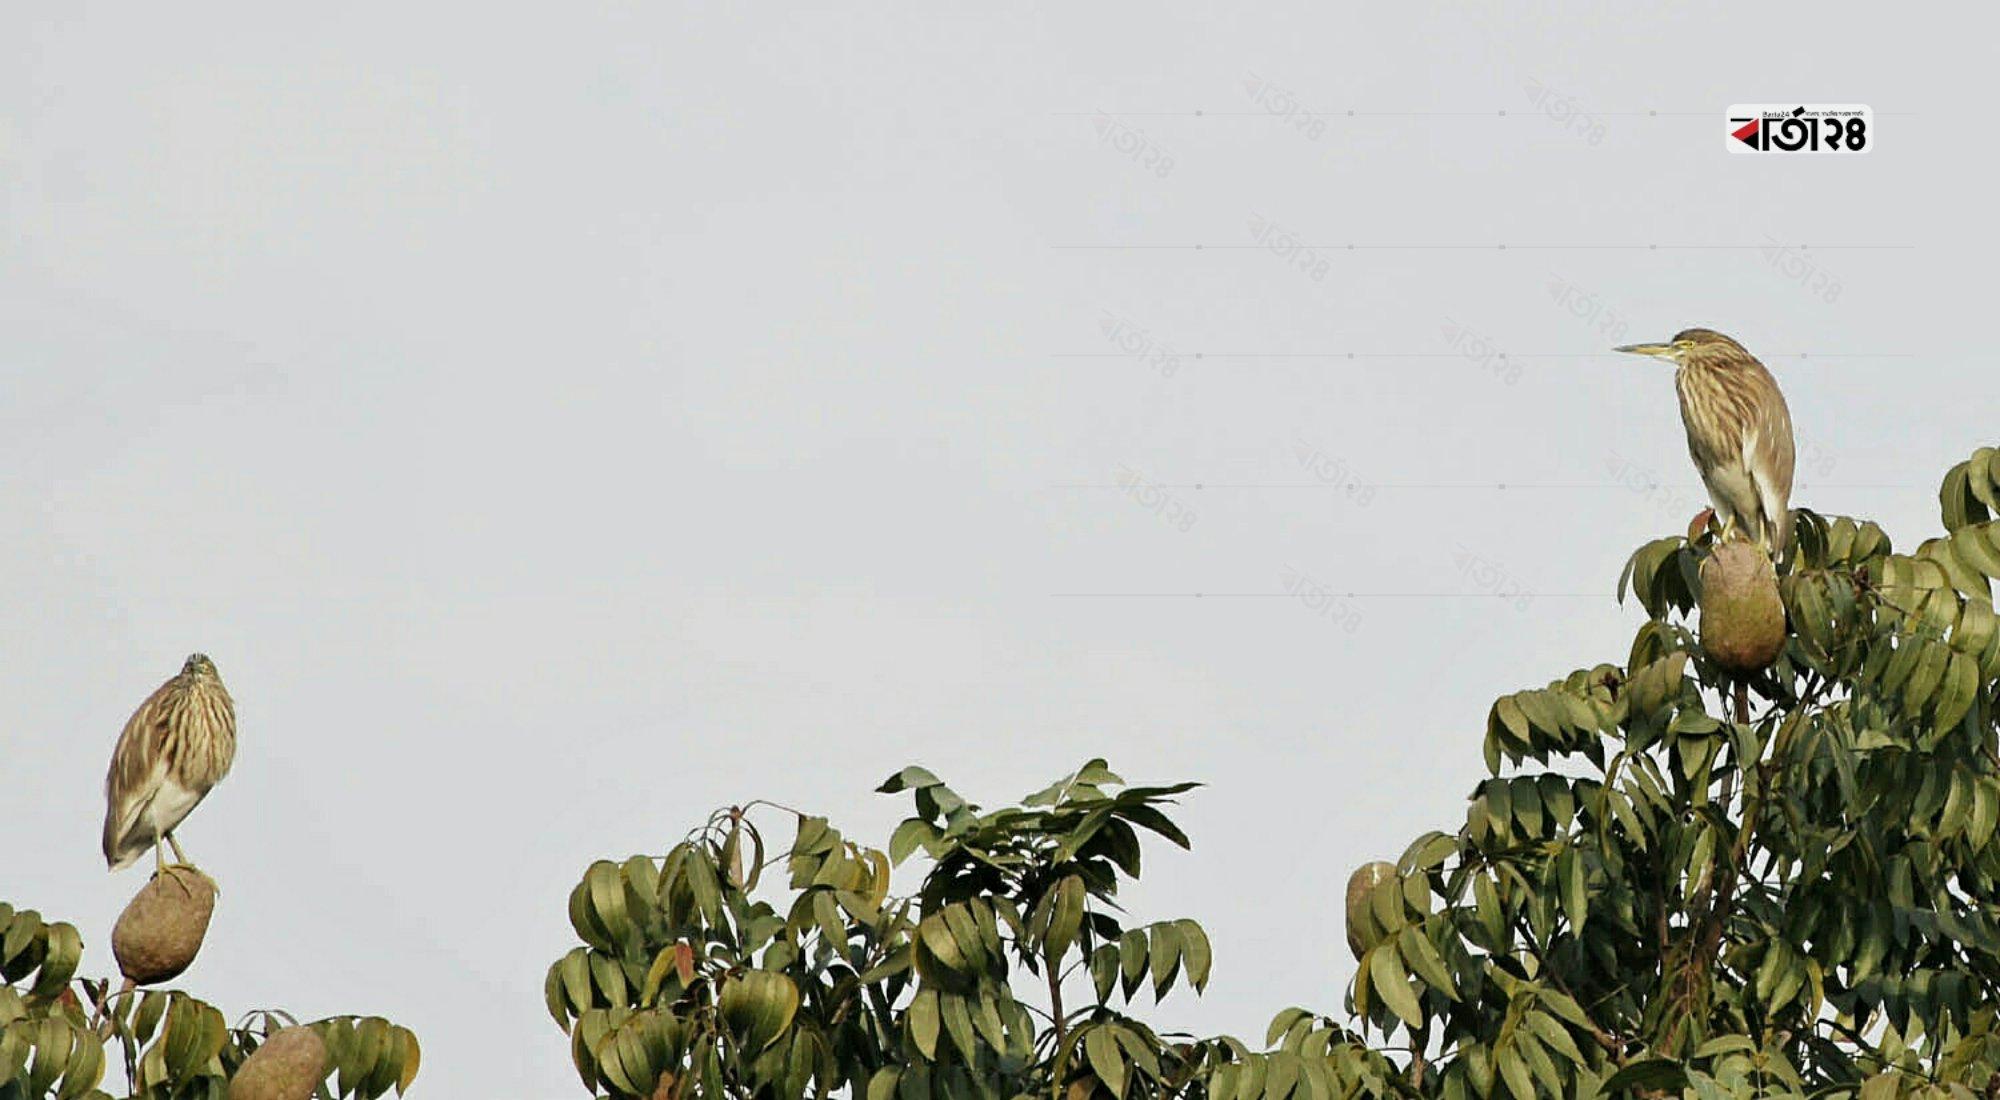 শিকারের অপেক্ষায় গাছের মগডালে বসে থাকা কানিবক। ছবিটি মেহেরপুর থেকে তোলা।